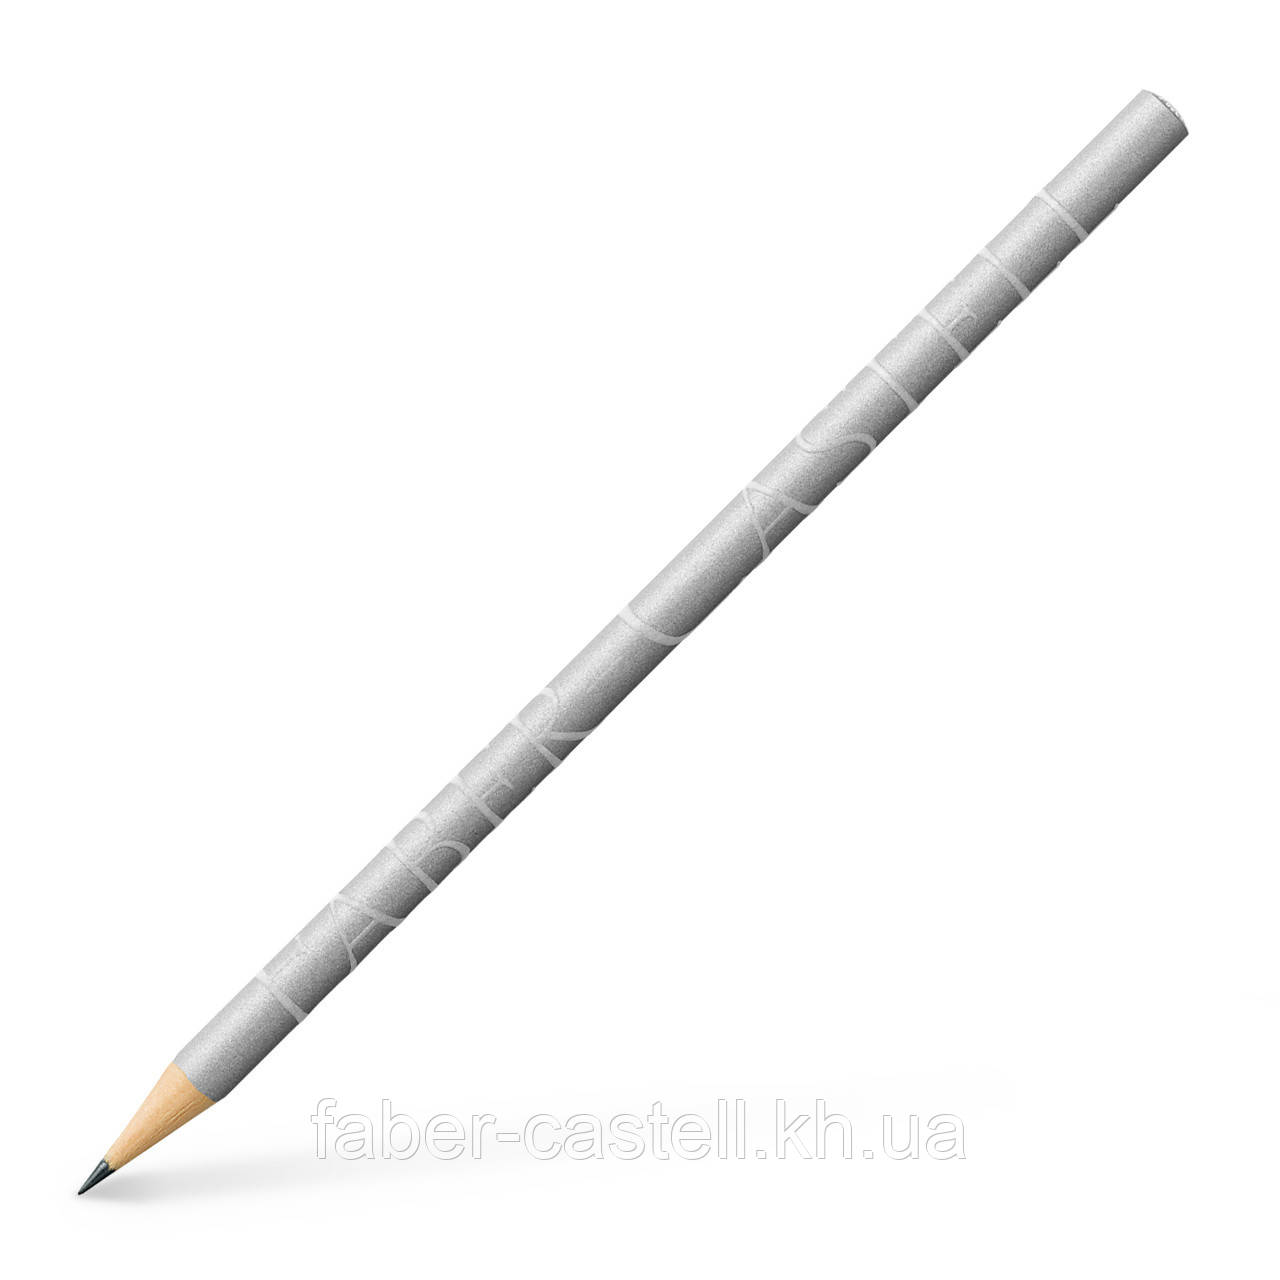 Лимитированный карандаш графитный Faber-Castell DESIGN 250 лет серебряный  корпус, 118331